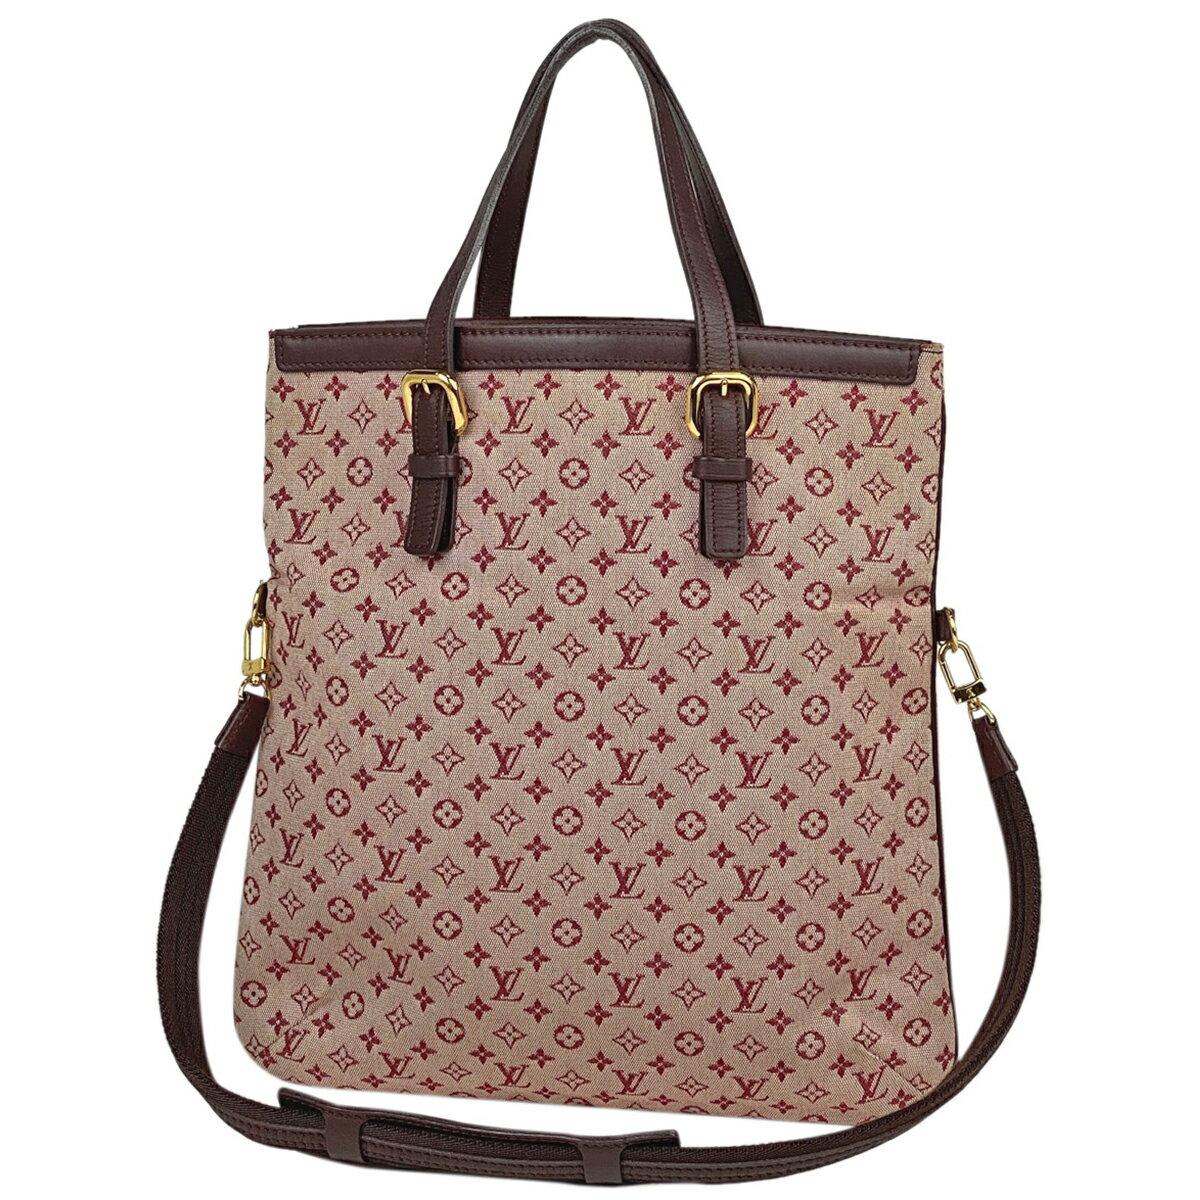 レディースバッグ, ハンドバッグ  Louis Vuitton 2WAY M92210